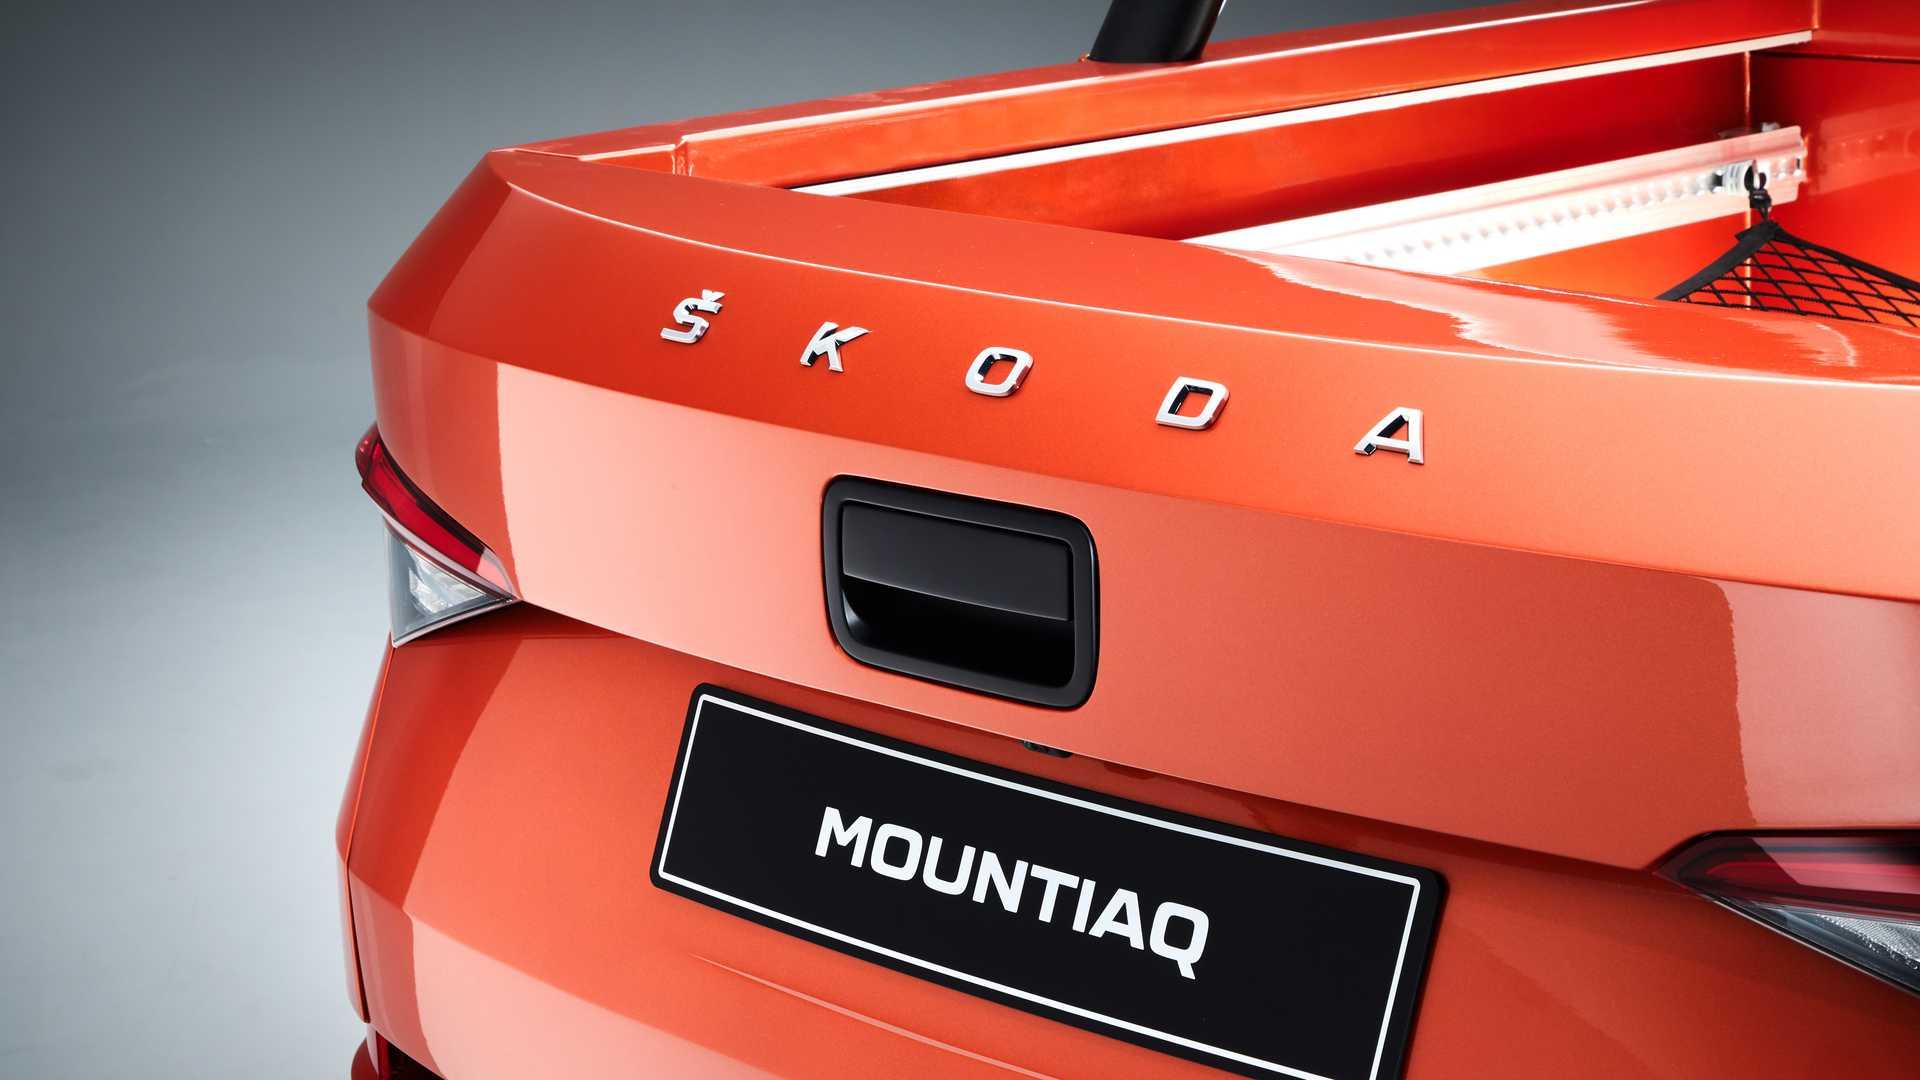 skoda-mountiaq-concept (9)